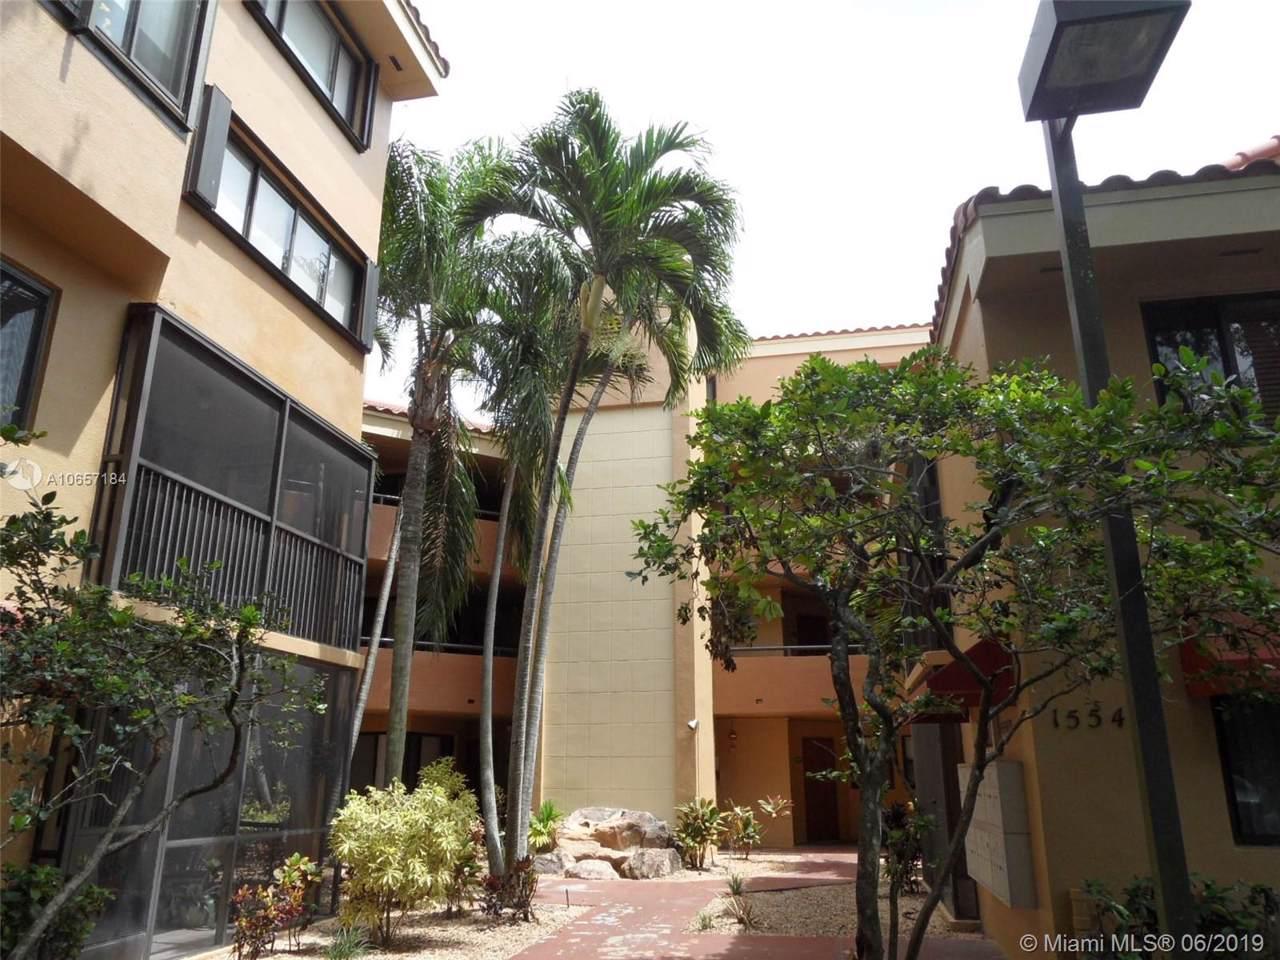 15545 Miami Lakeway N - Photo 1